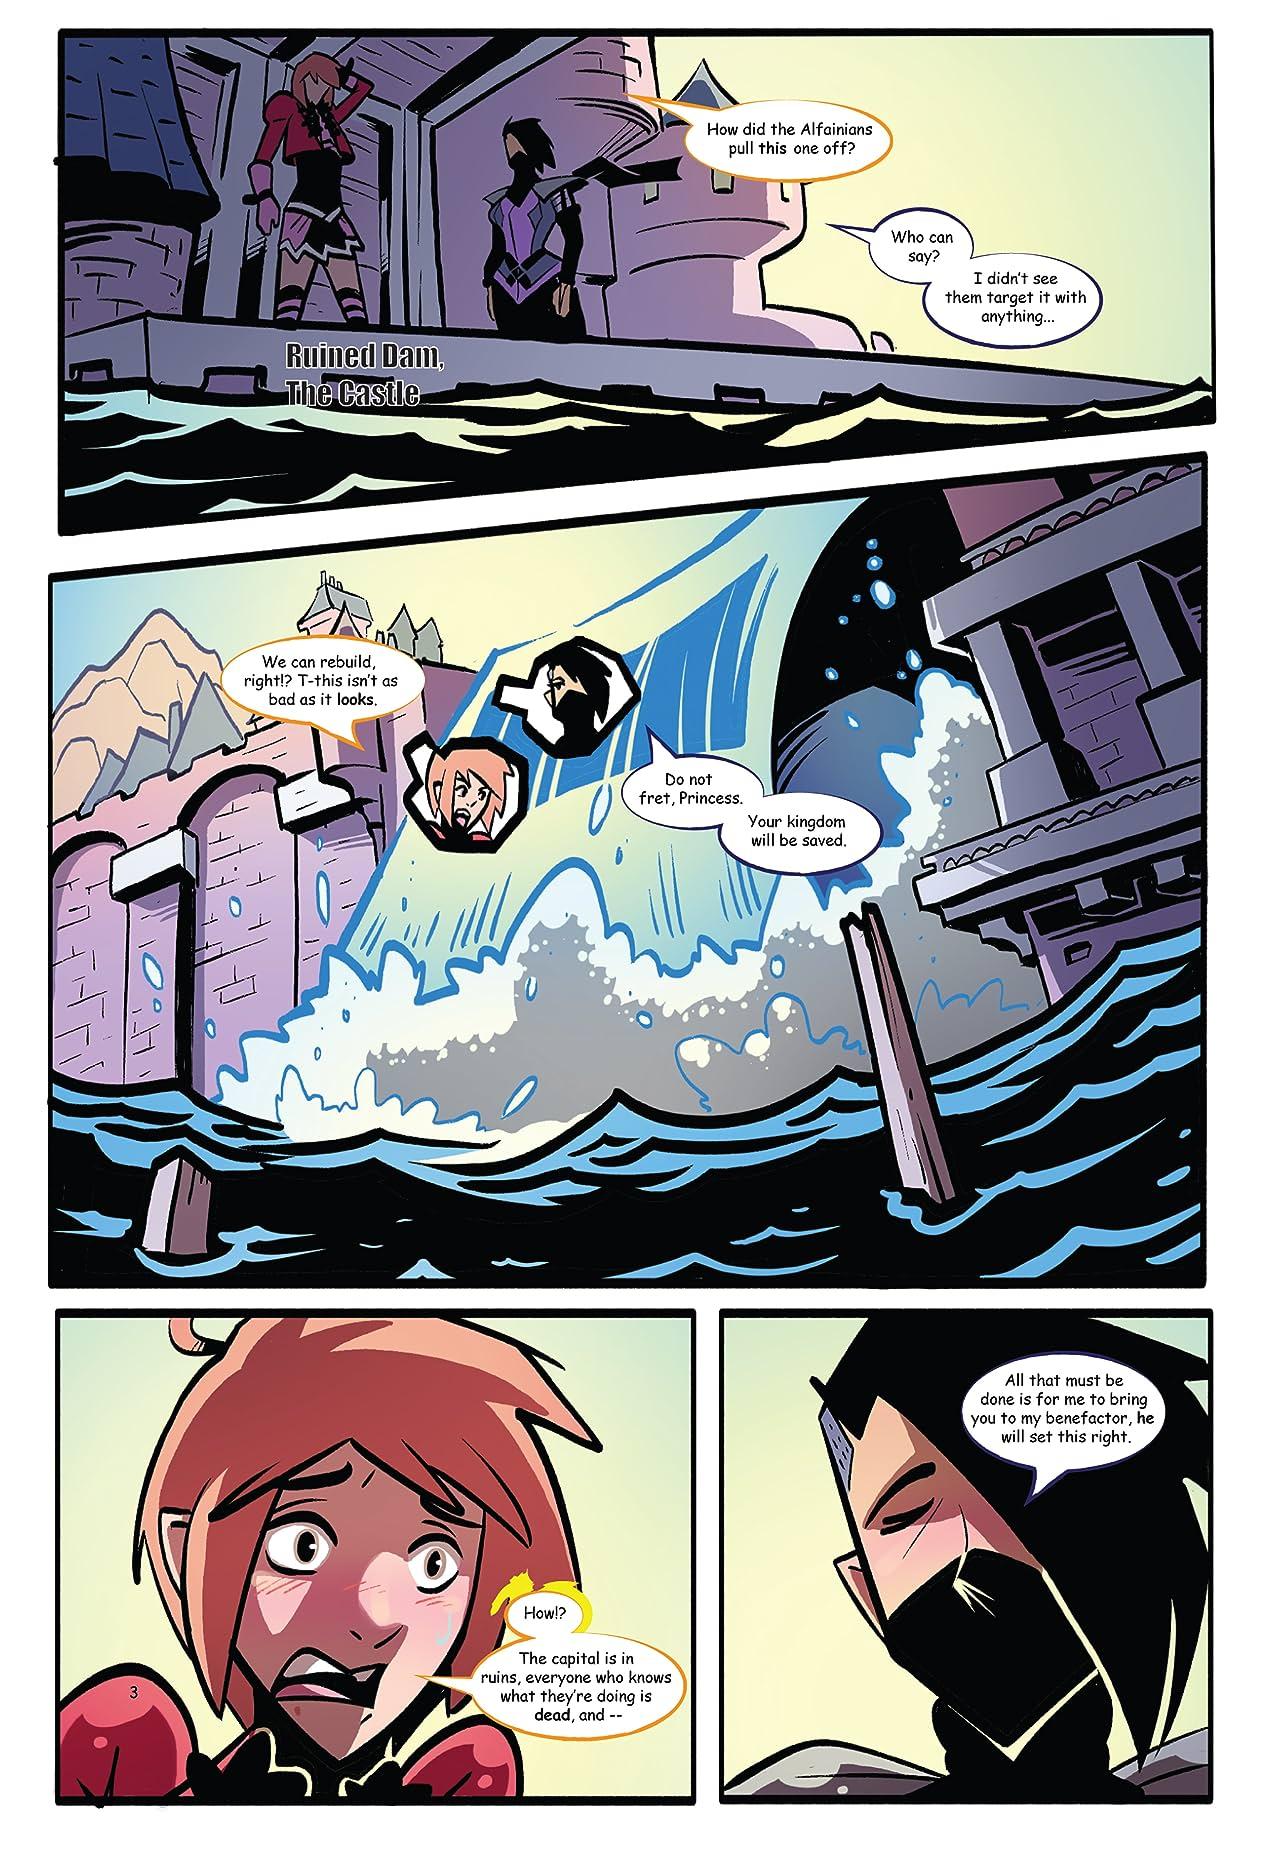 Vanquished: Weird Princess Vol. 1 #8